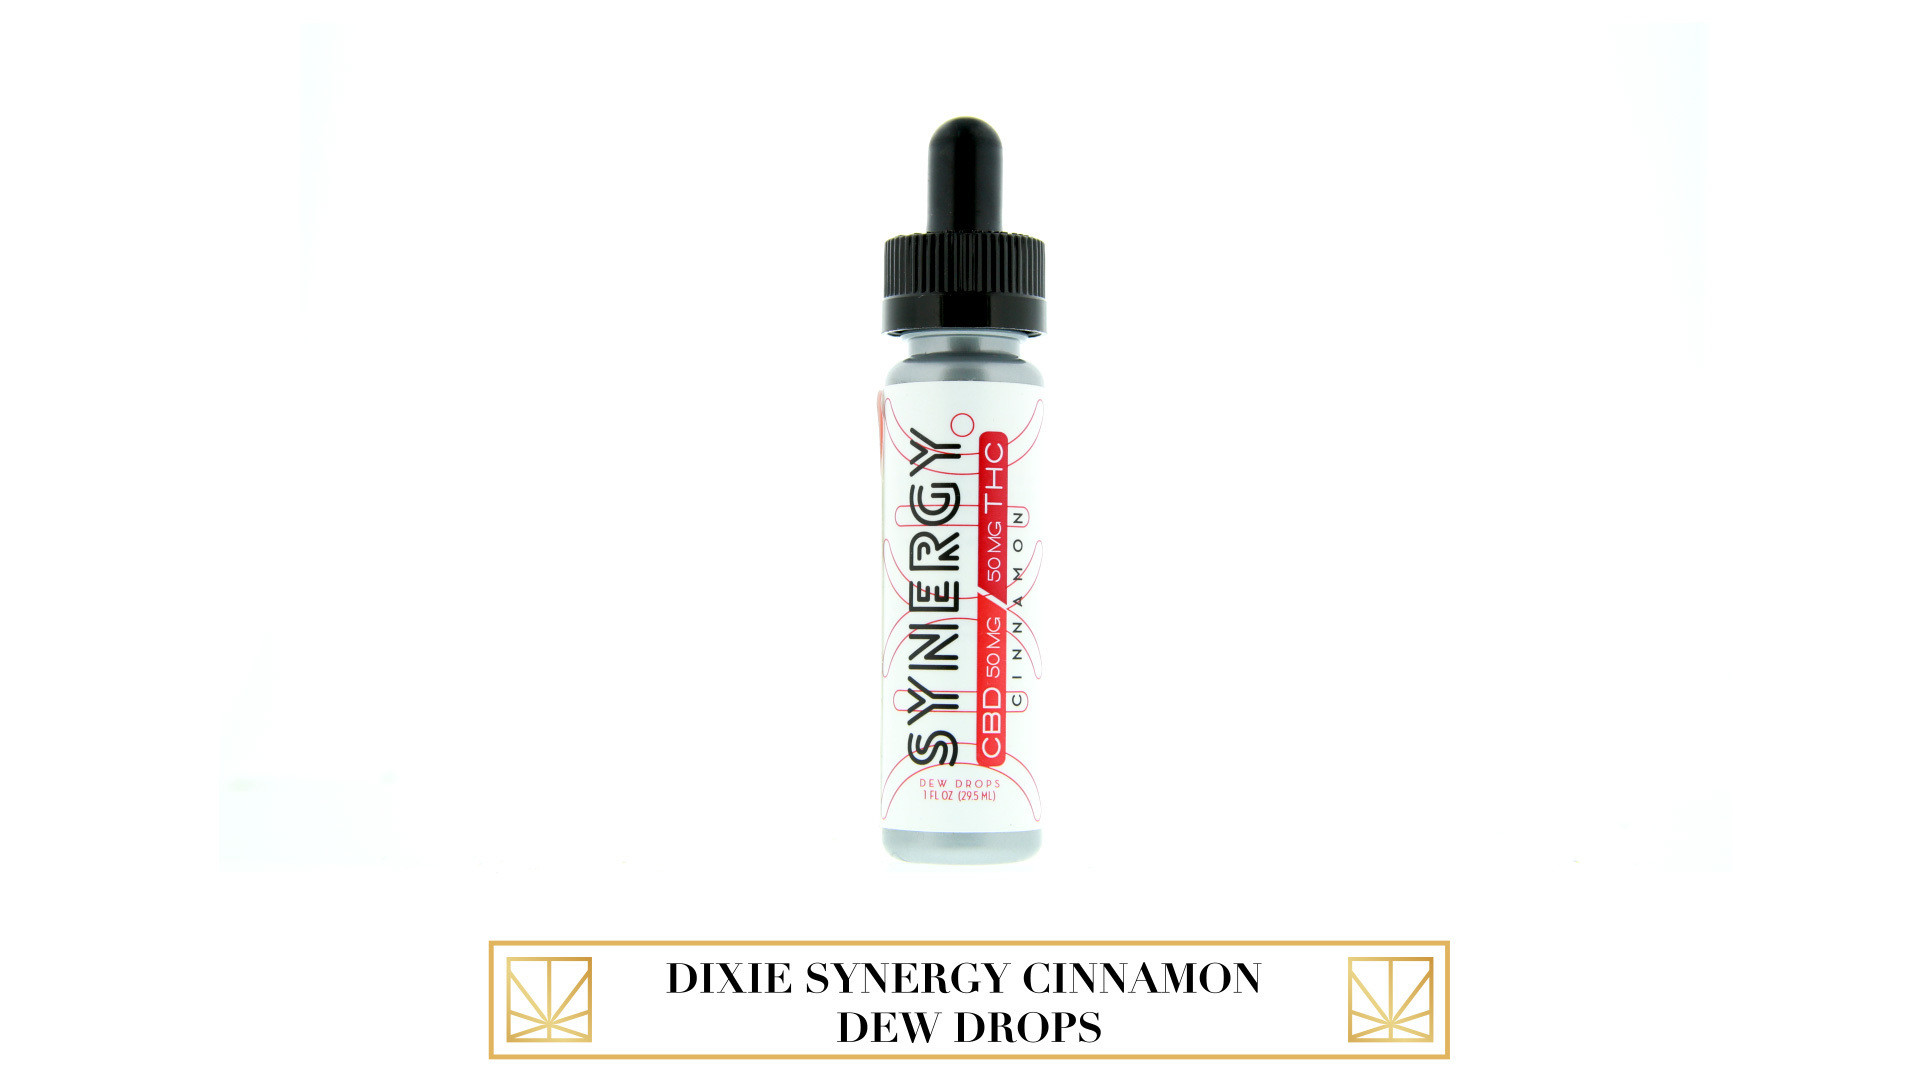 Dixie Cinnamon Synergy Dew Drops